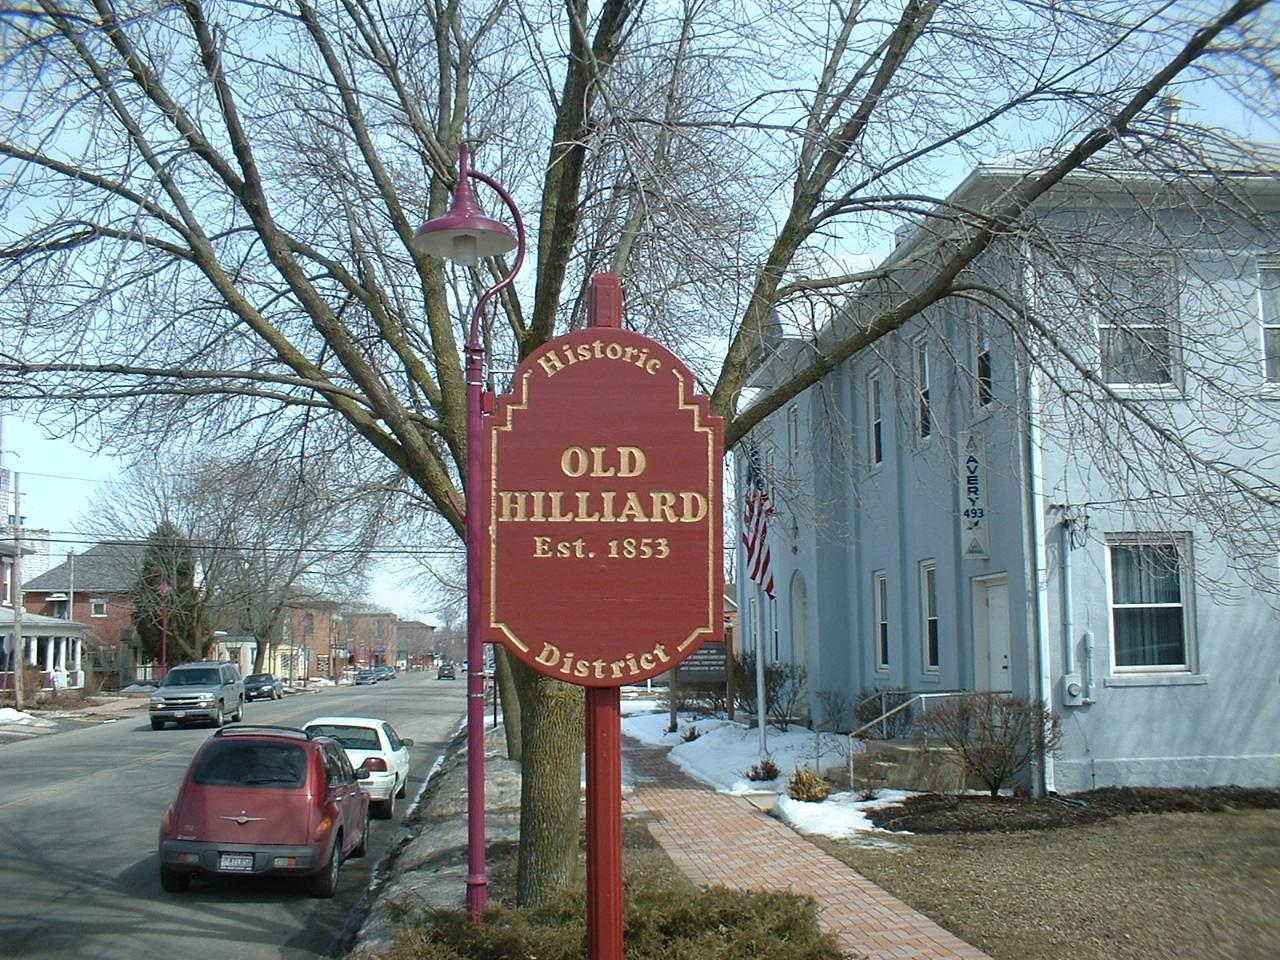 Old Hilliard